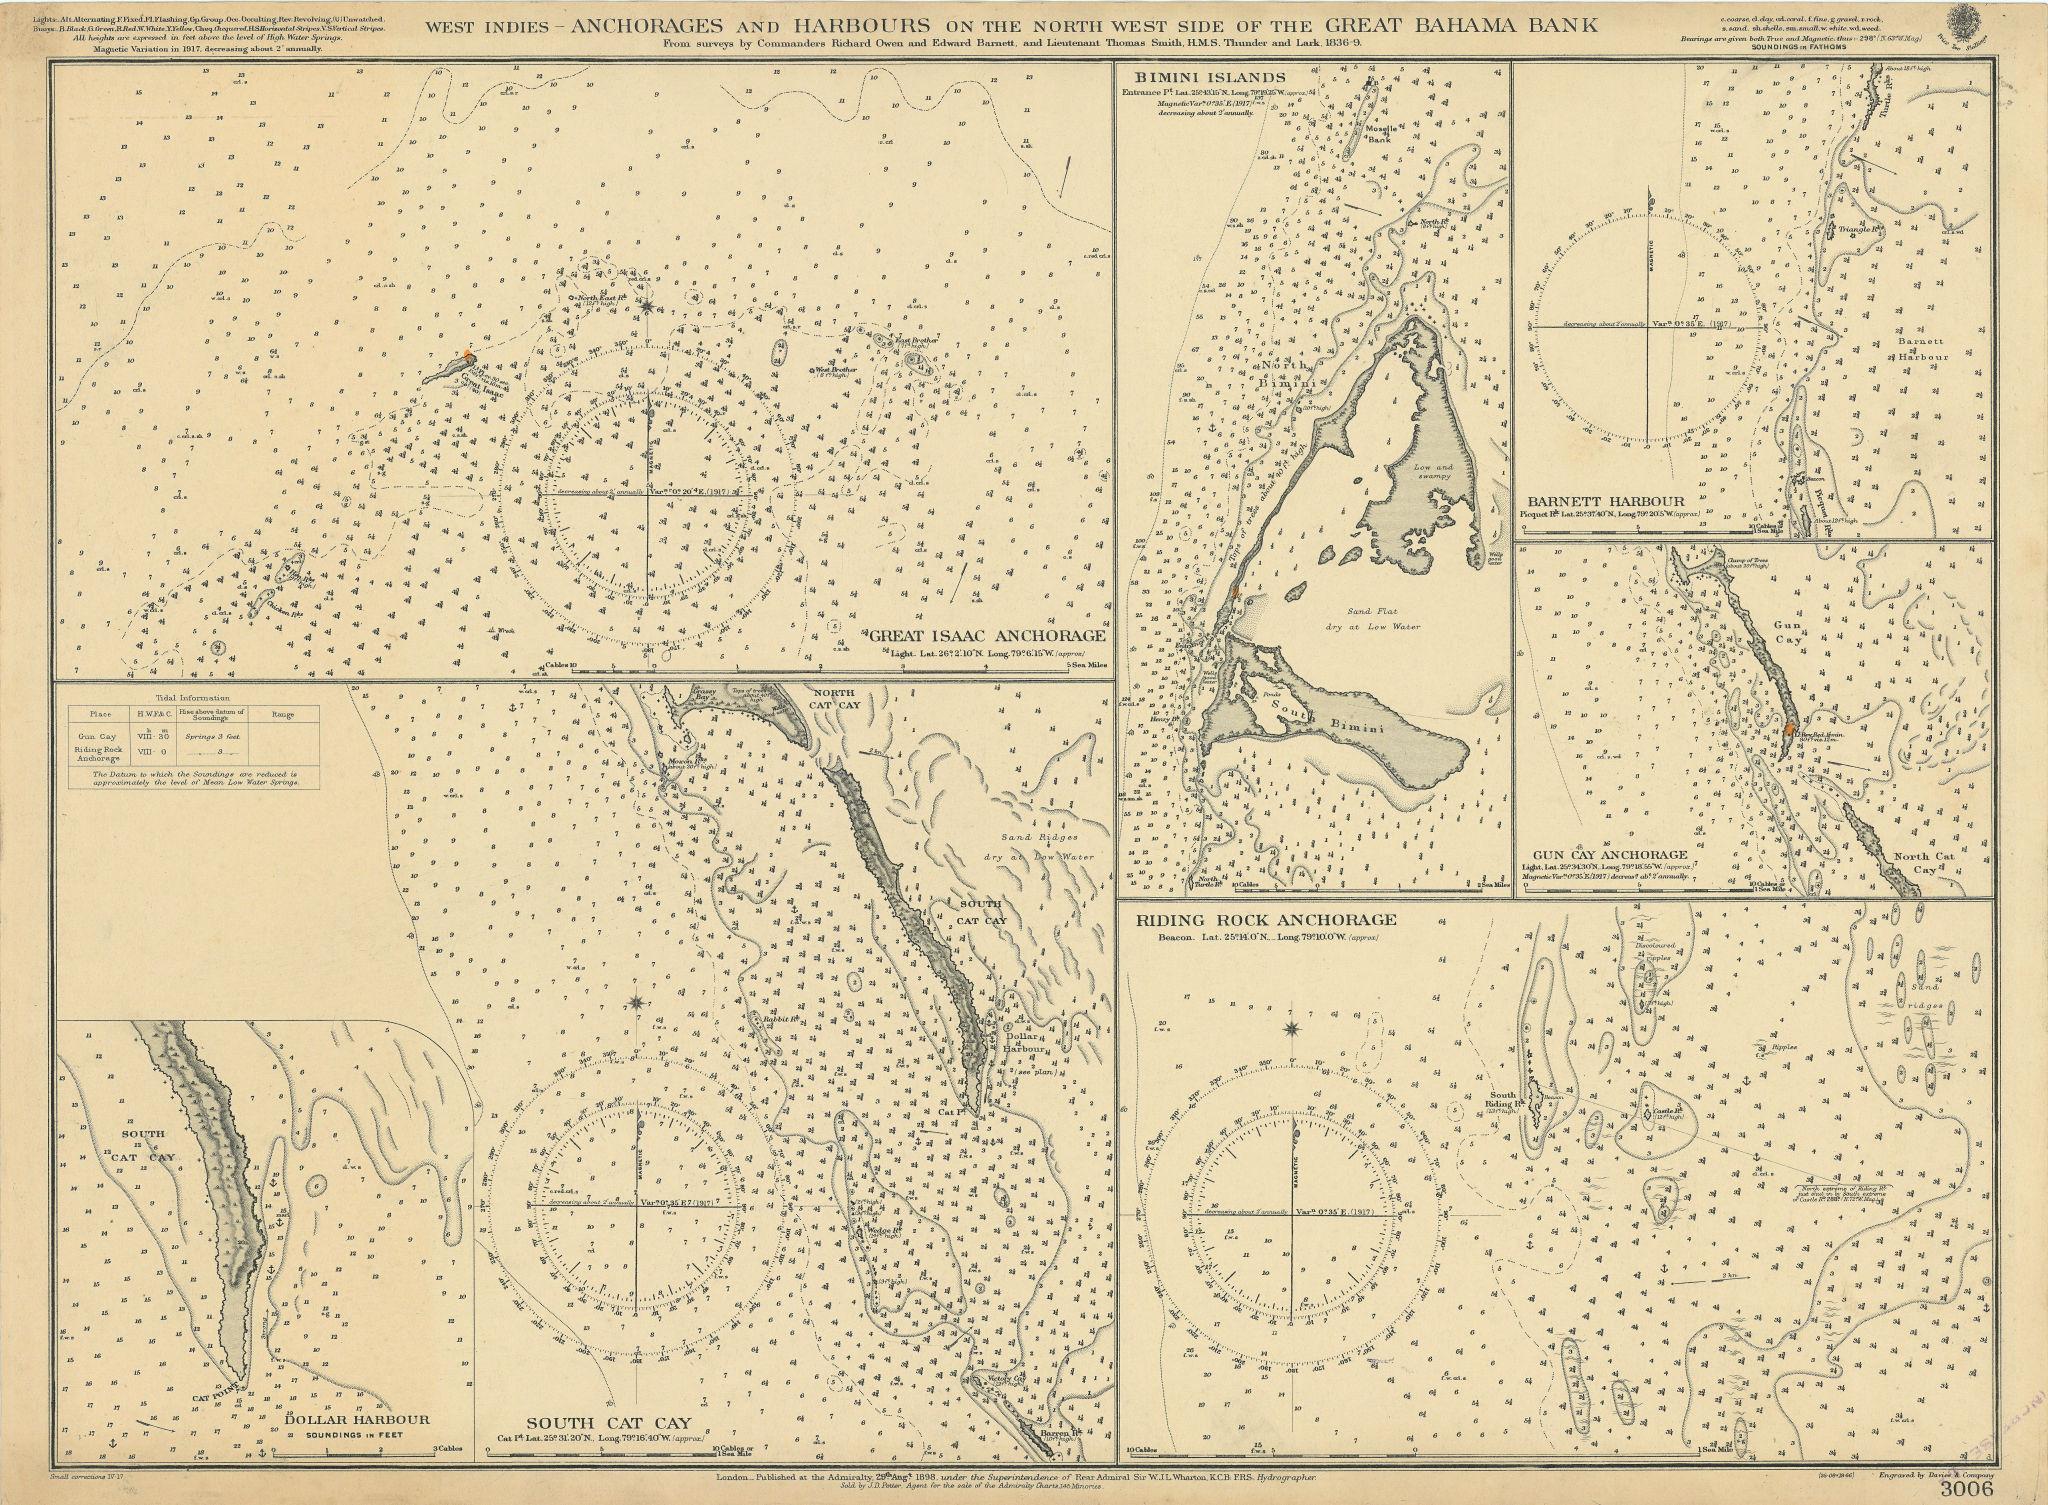 Great Bahama Bank anchorages Great Isaac Bimini ADMIRALTY chart 1898 (1917) map